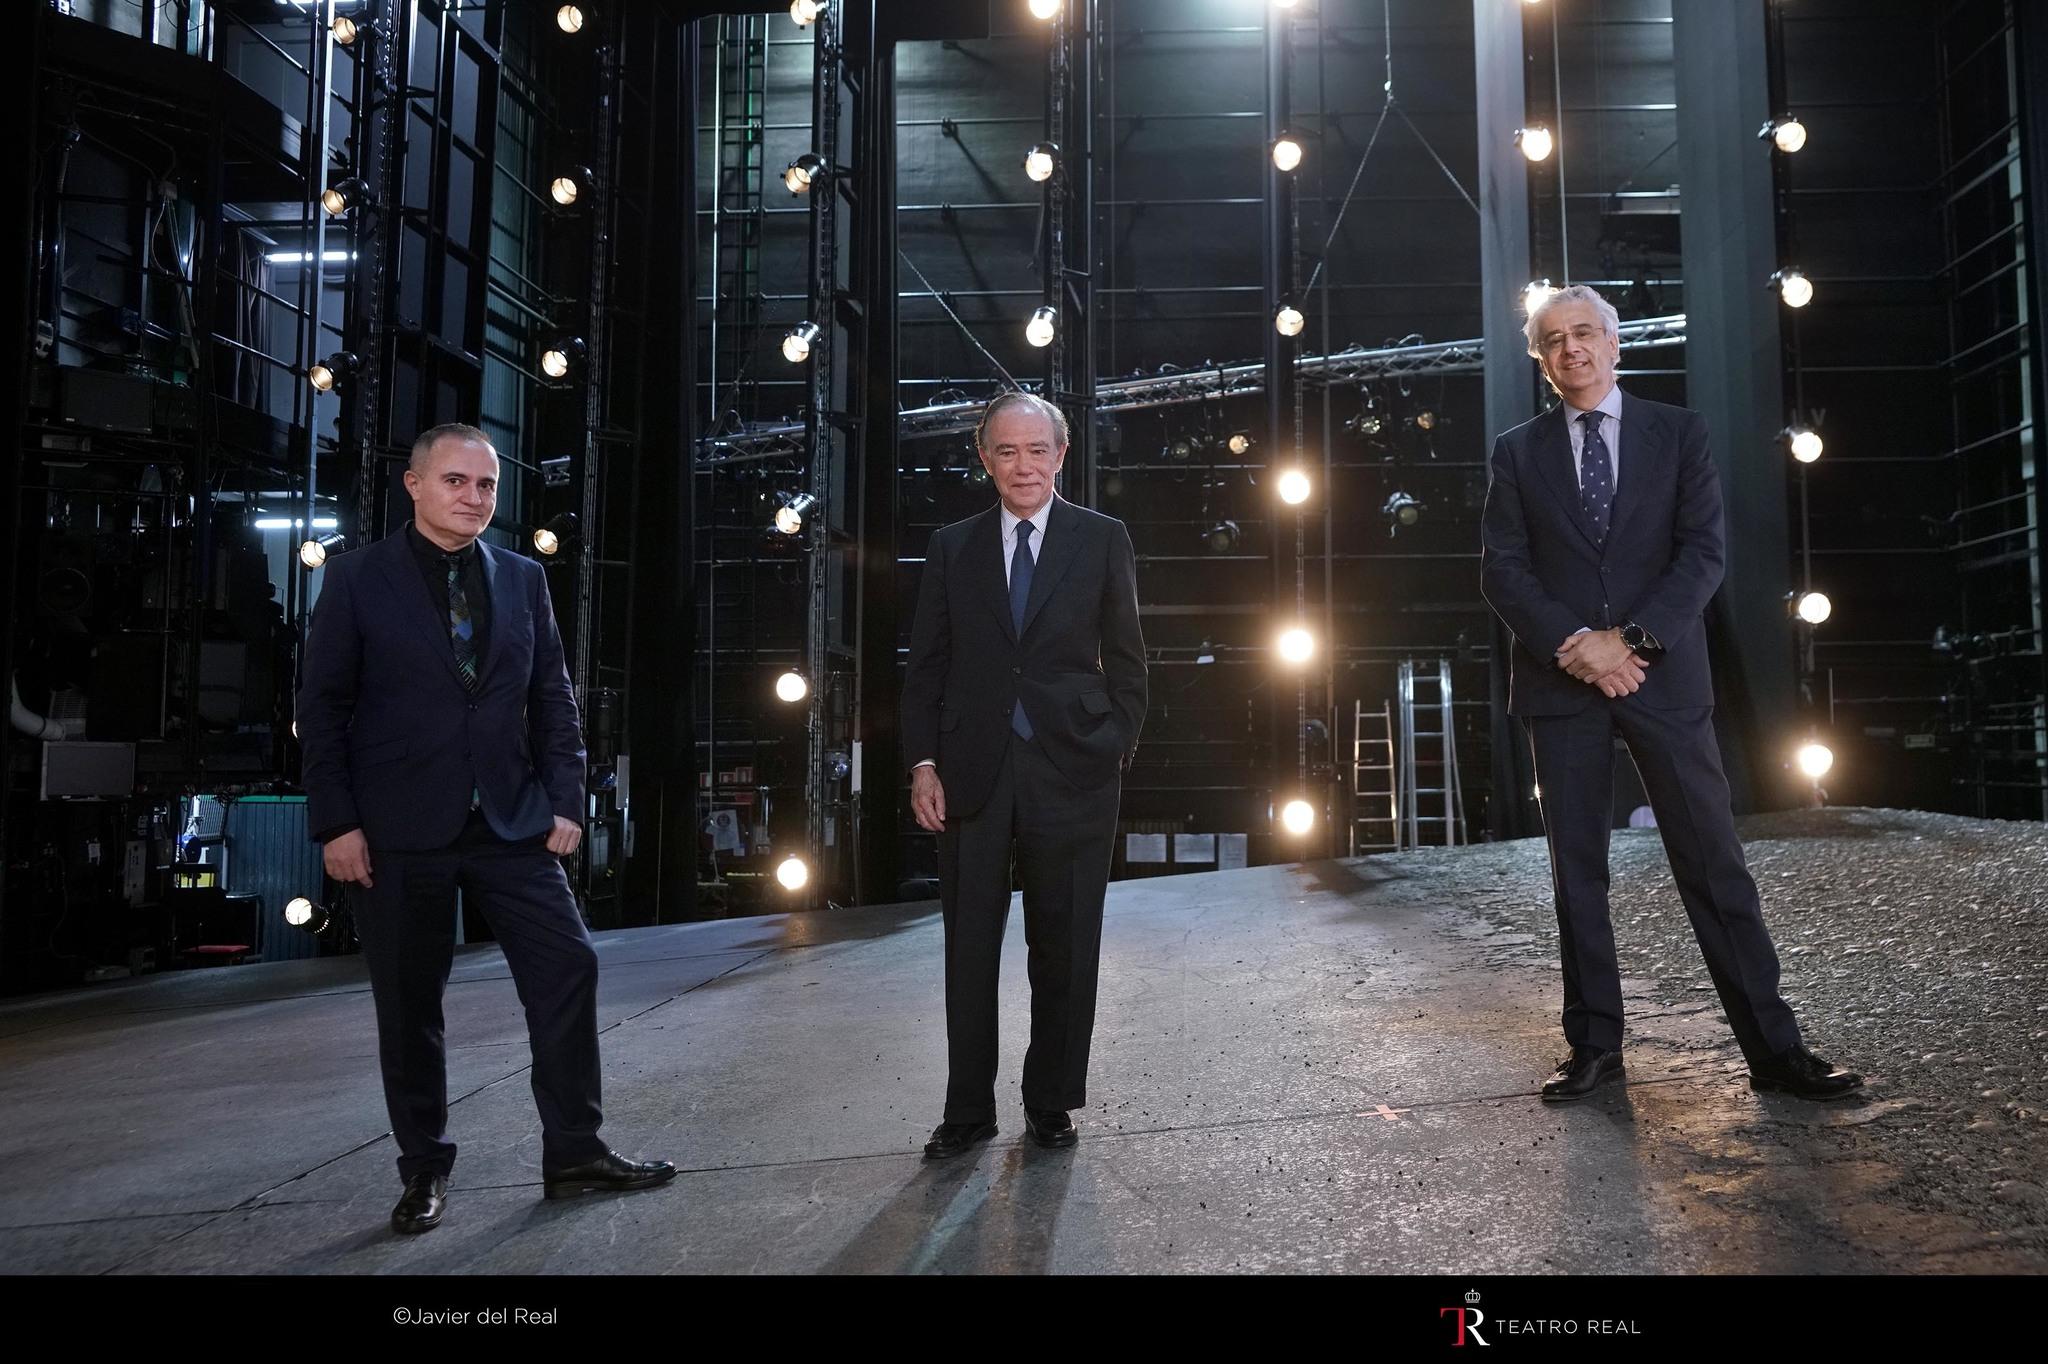 Equipo directivo del Teatro Real (de izquierda a derecha): Joan Matabosch, director artístico; Gregorio Marañón, presidente, e Ignacio García-Belenguer, director general.